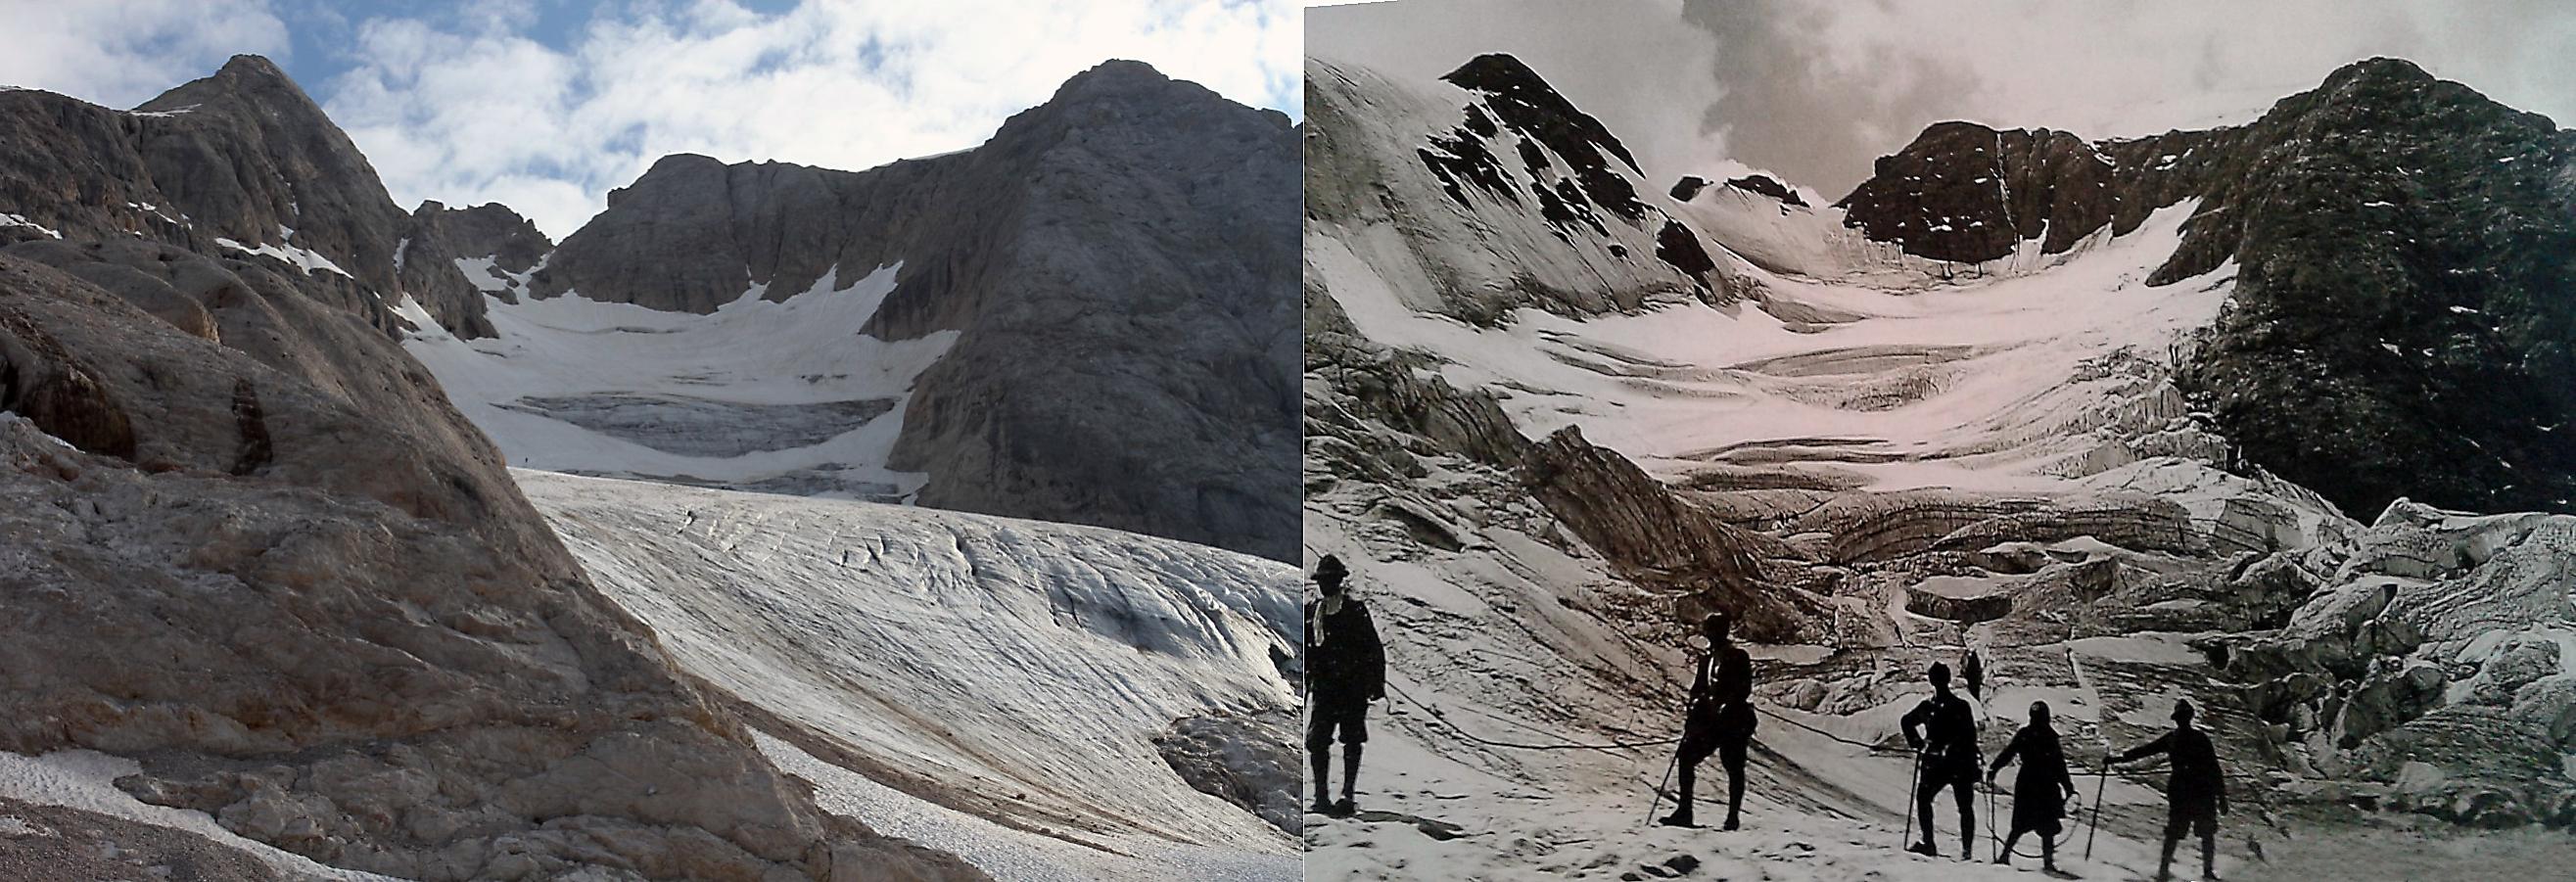 Il ghiacciaio della Marmolada nei primi decenni del '900 e oggi